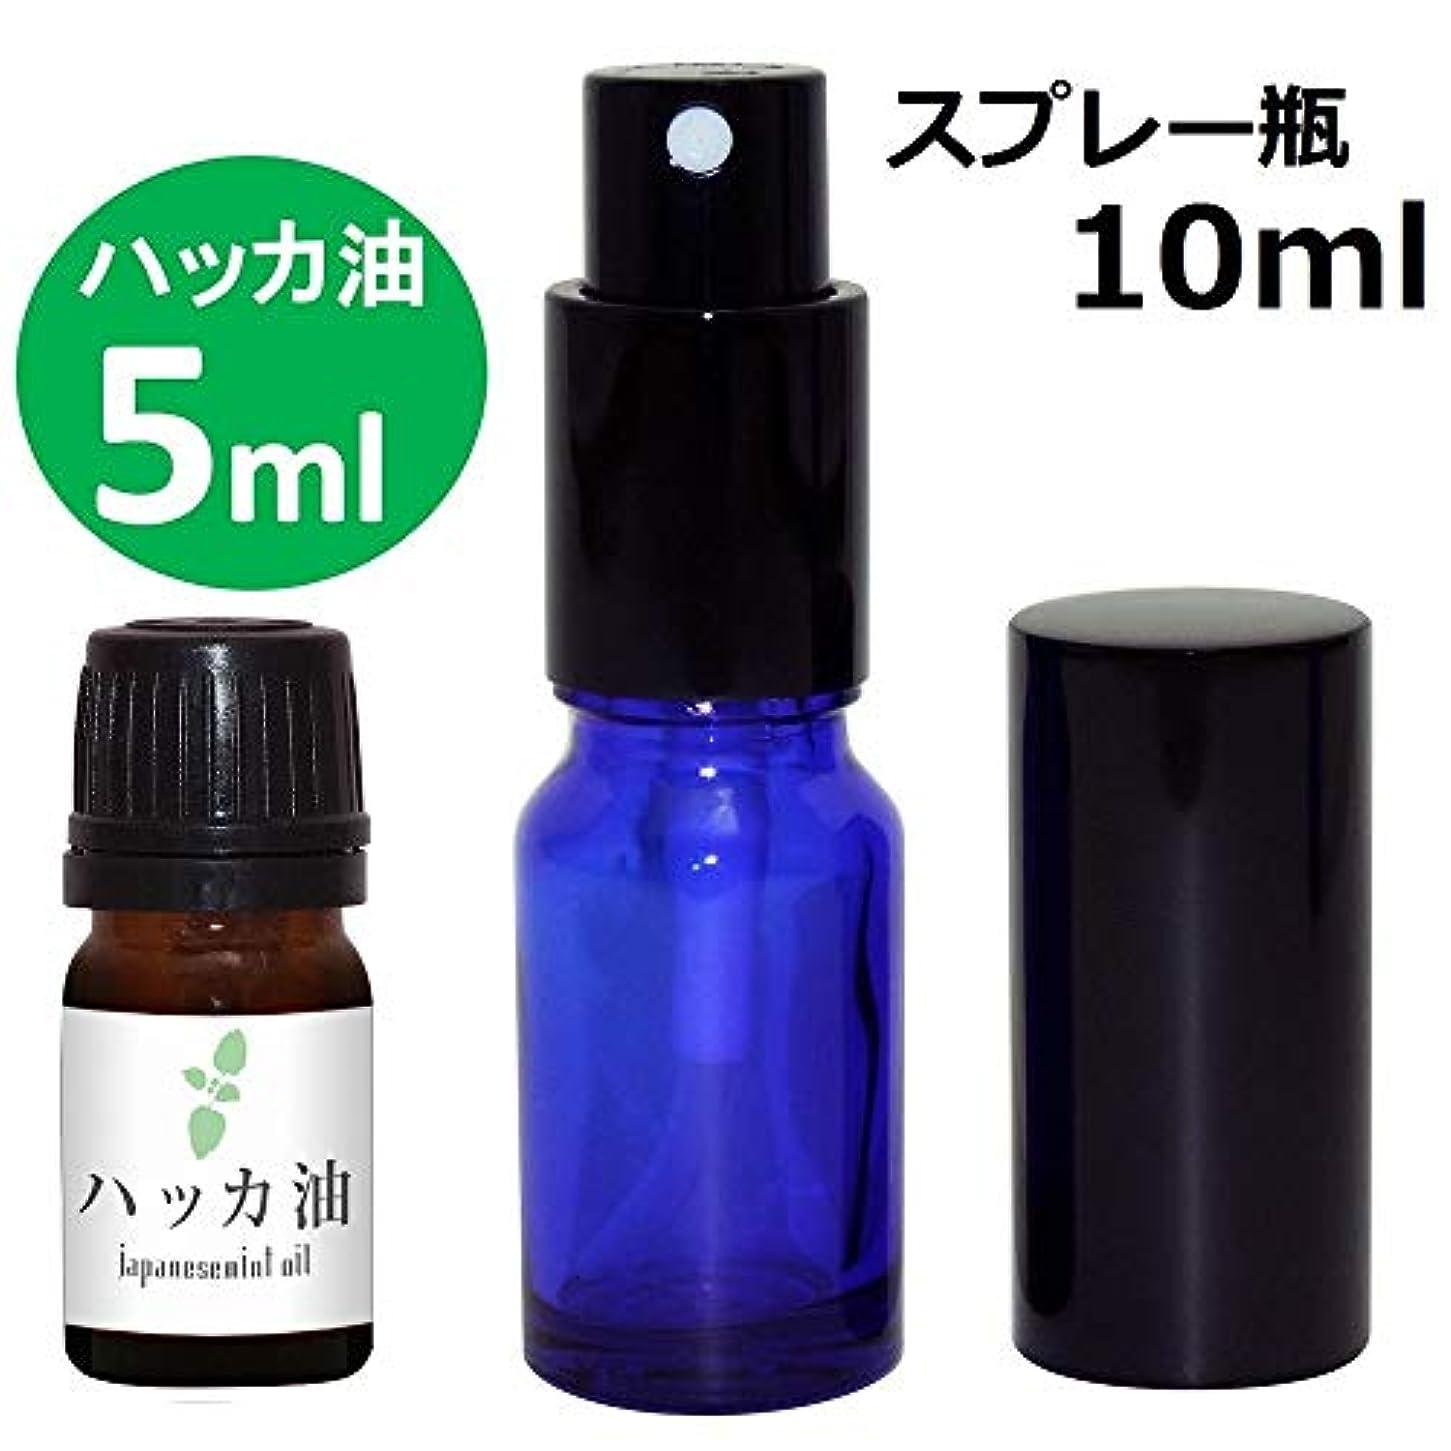 鹿ドナーしたがってガレージ?ゼロ ハッカ油 5ml(GZAK11)+ガラス瓶 スプレーボトル10ml/和種薄荷/ジャパニーズミント GSE532